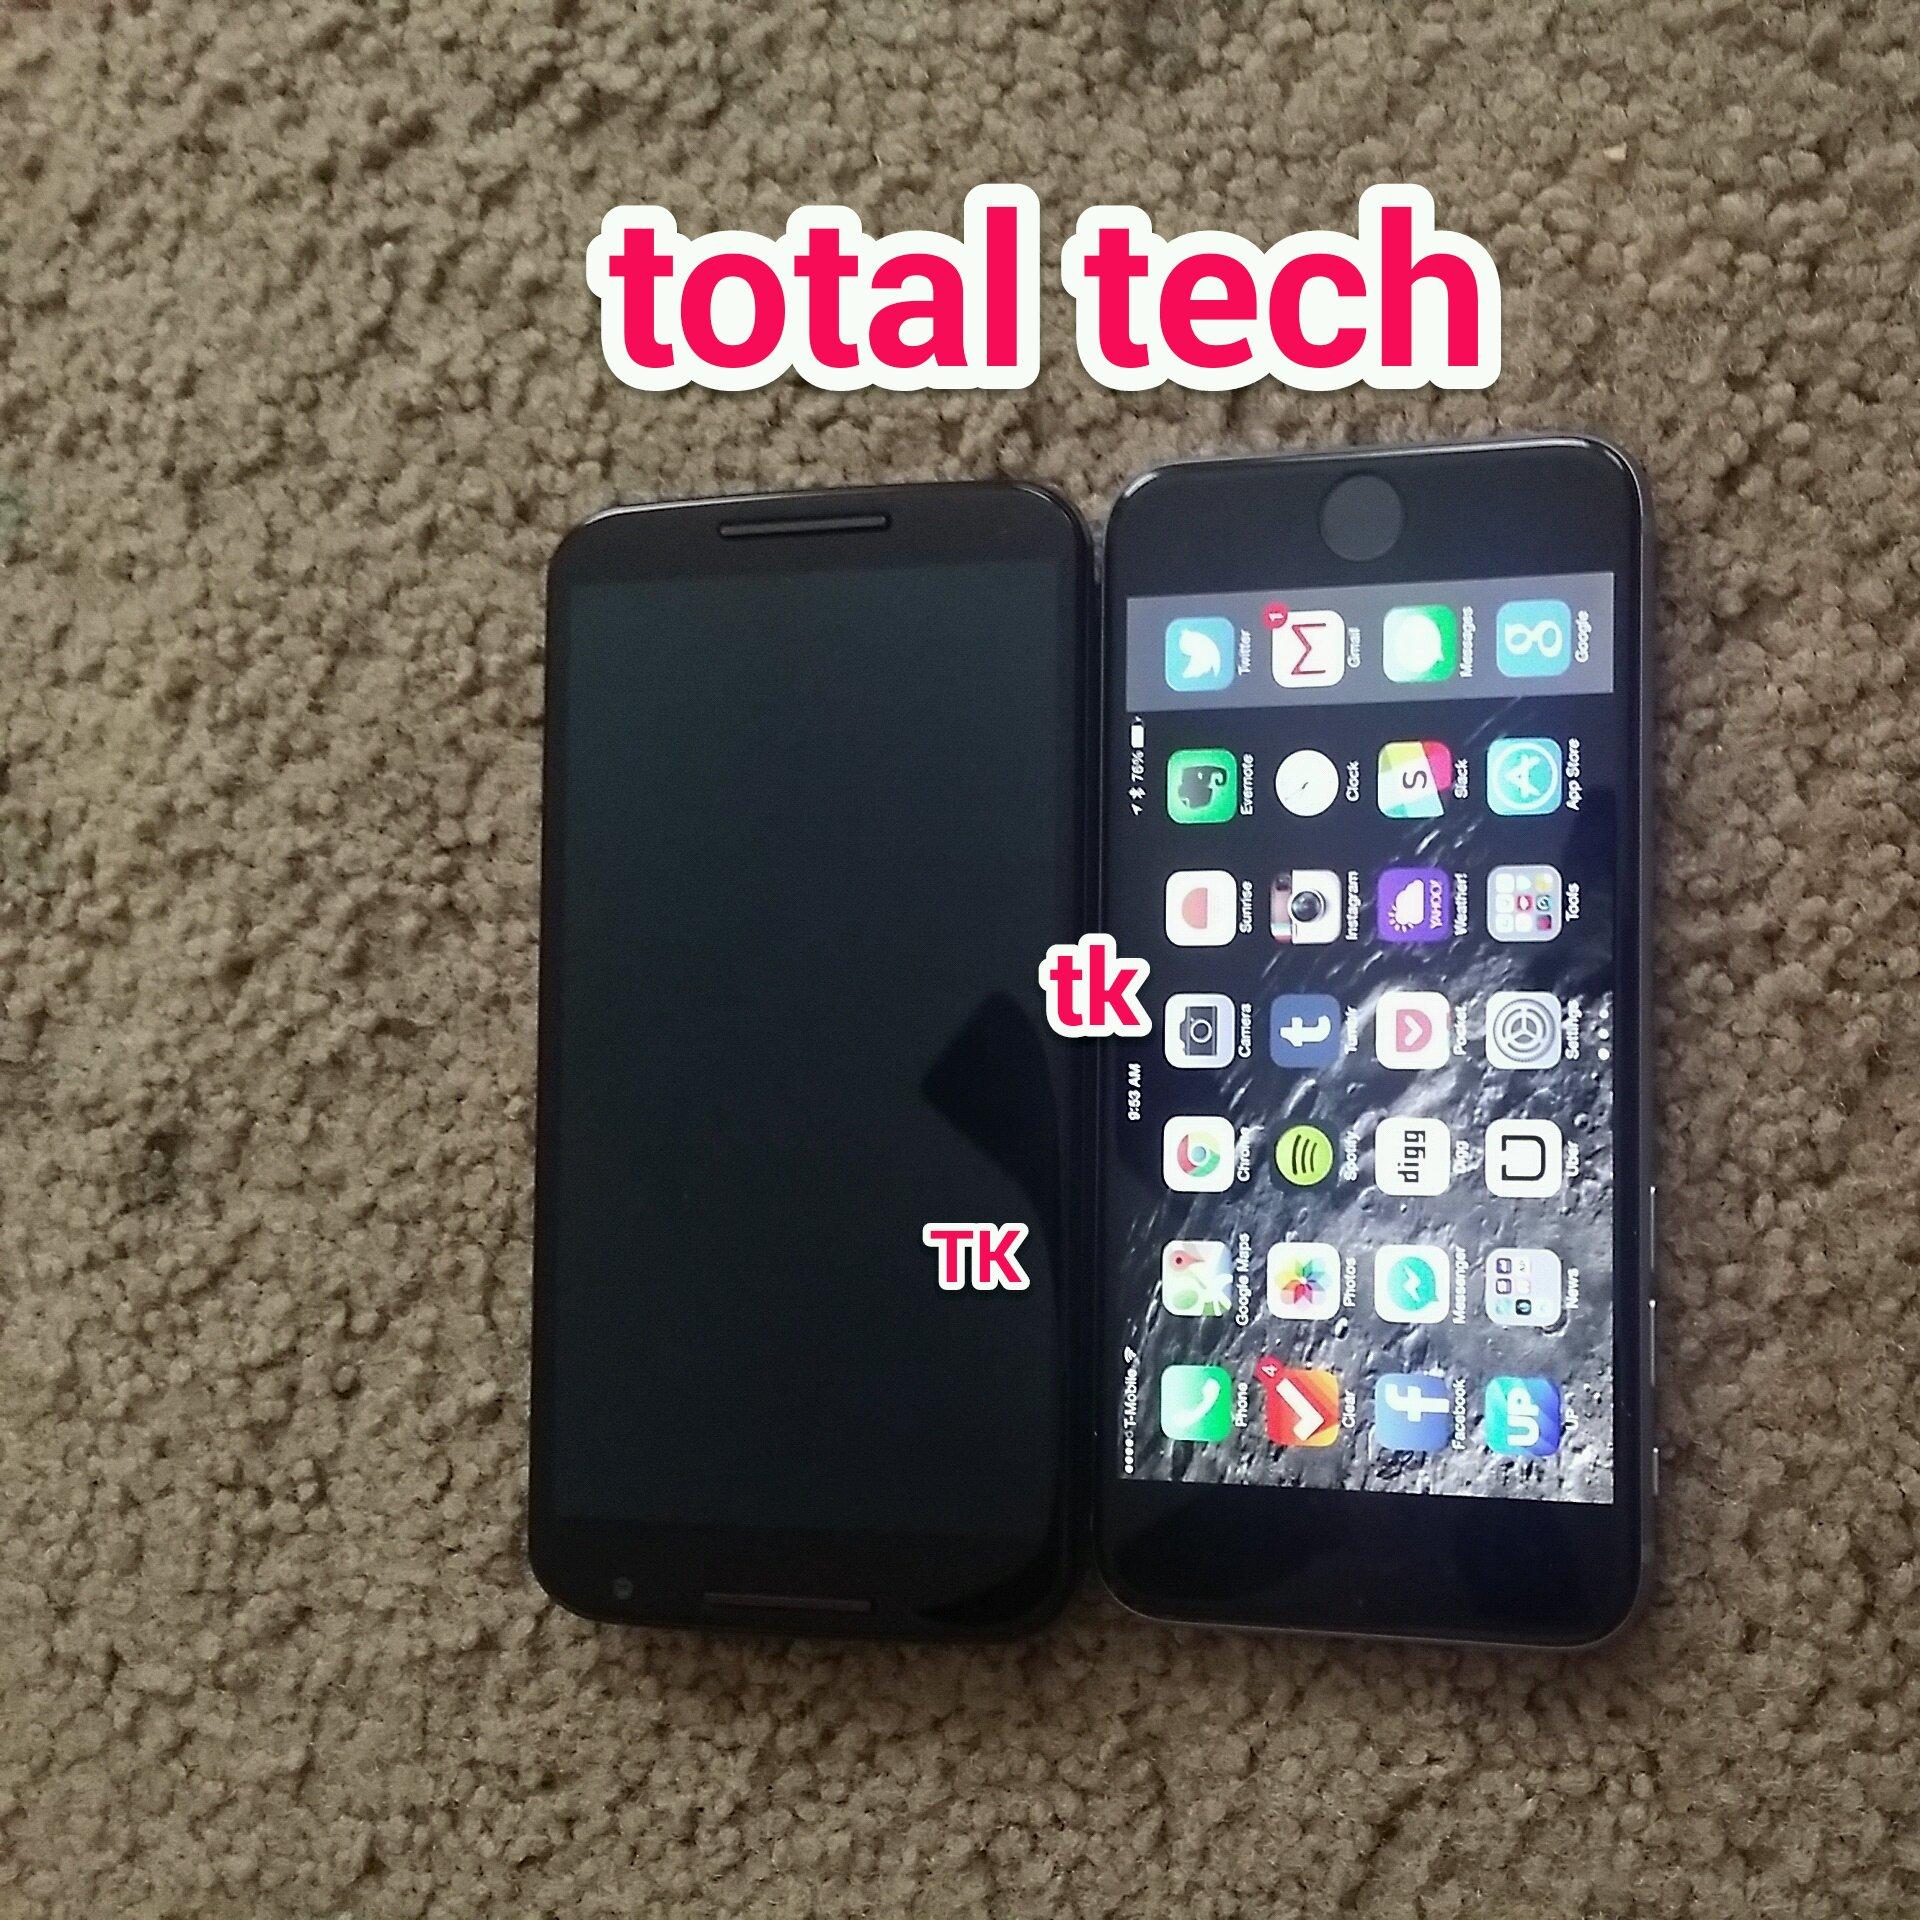 Nexus 6 vs. iPhone 6 Plus